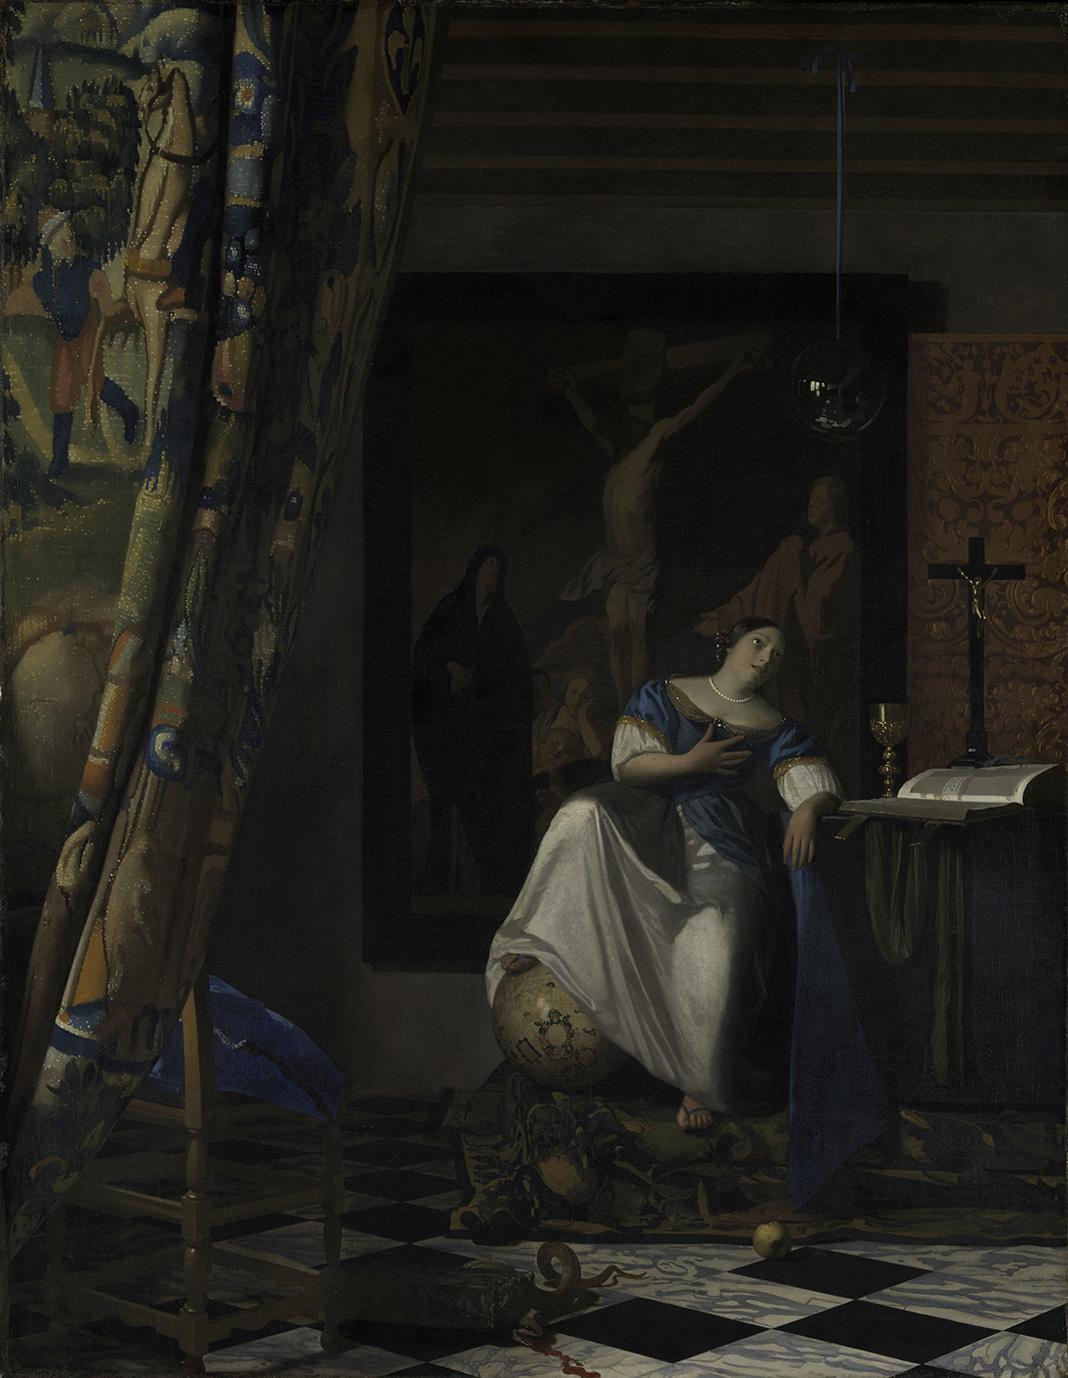 ヨハネス・フェルメール《信仰の寓意》1670-72年頃 油彩、カンヴァス 114.3x88.9cm メトロポリタン美術館  Lent by The Metropolitan Museum of Art, The Friedsam Collection, Bequest of Michael Friedsam, 1931